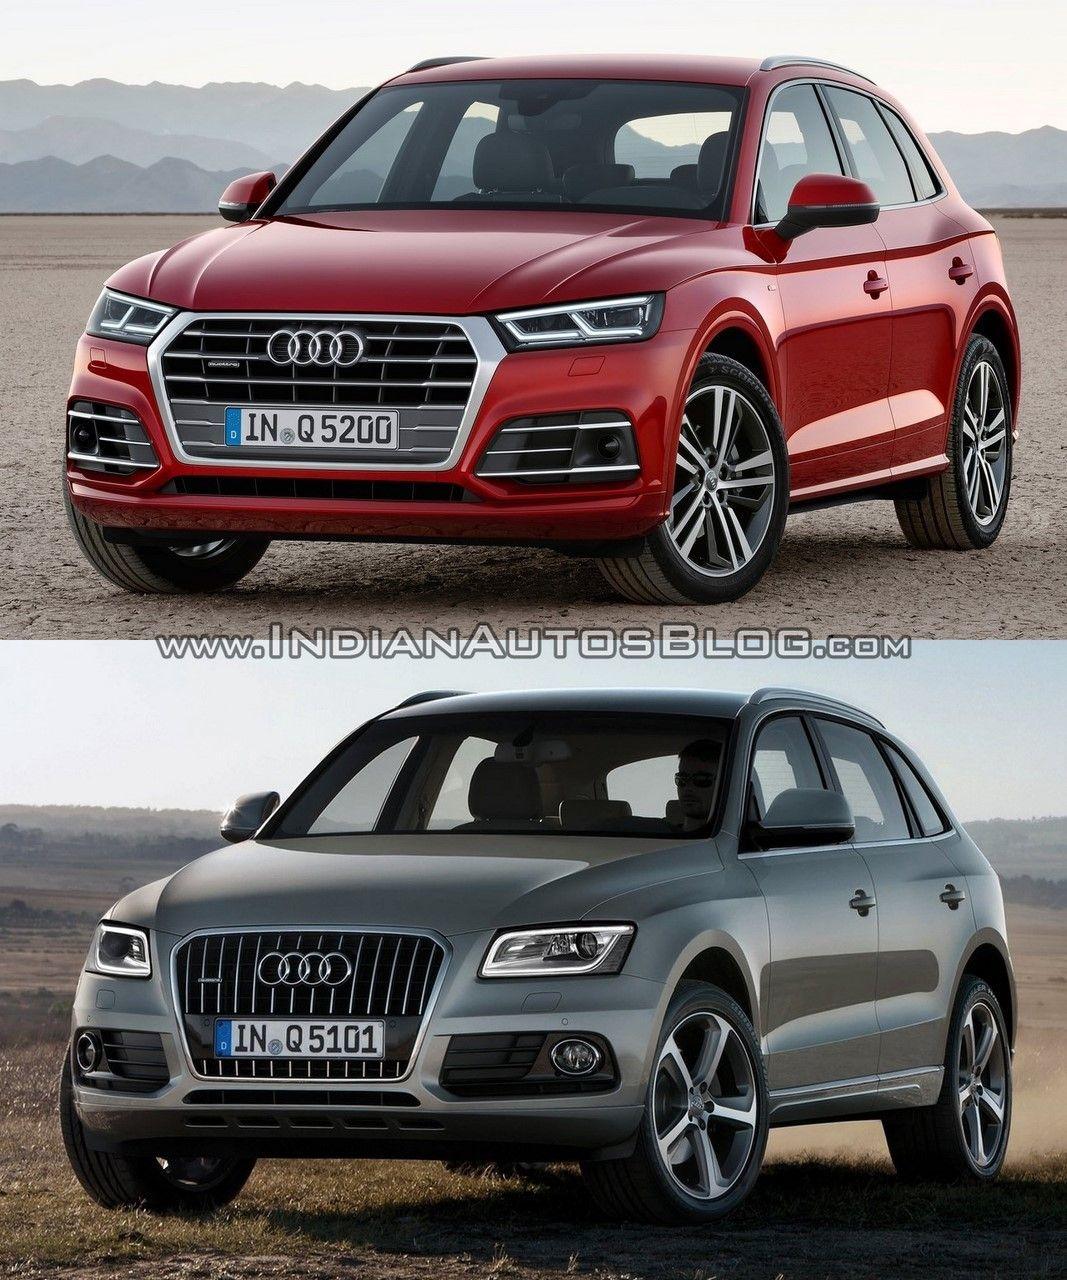 2017 Audi Q5 Vs 2013 Audi Q5 In Images Audi Q5 Audi Automobile